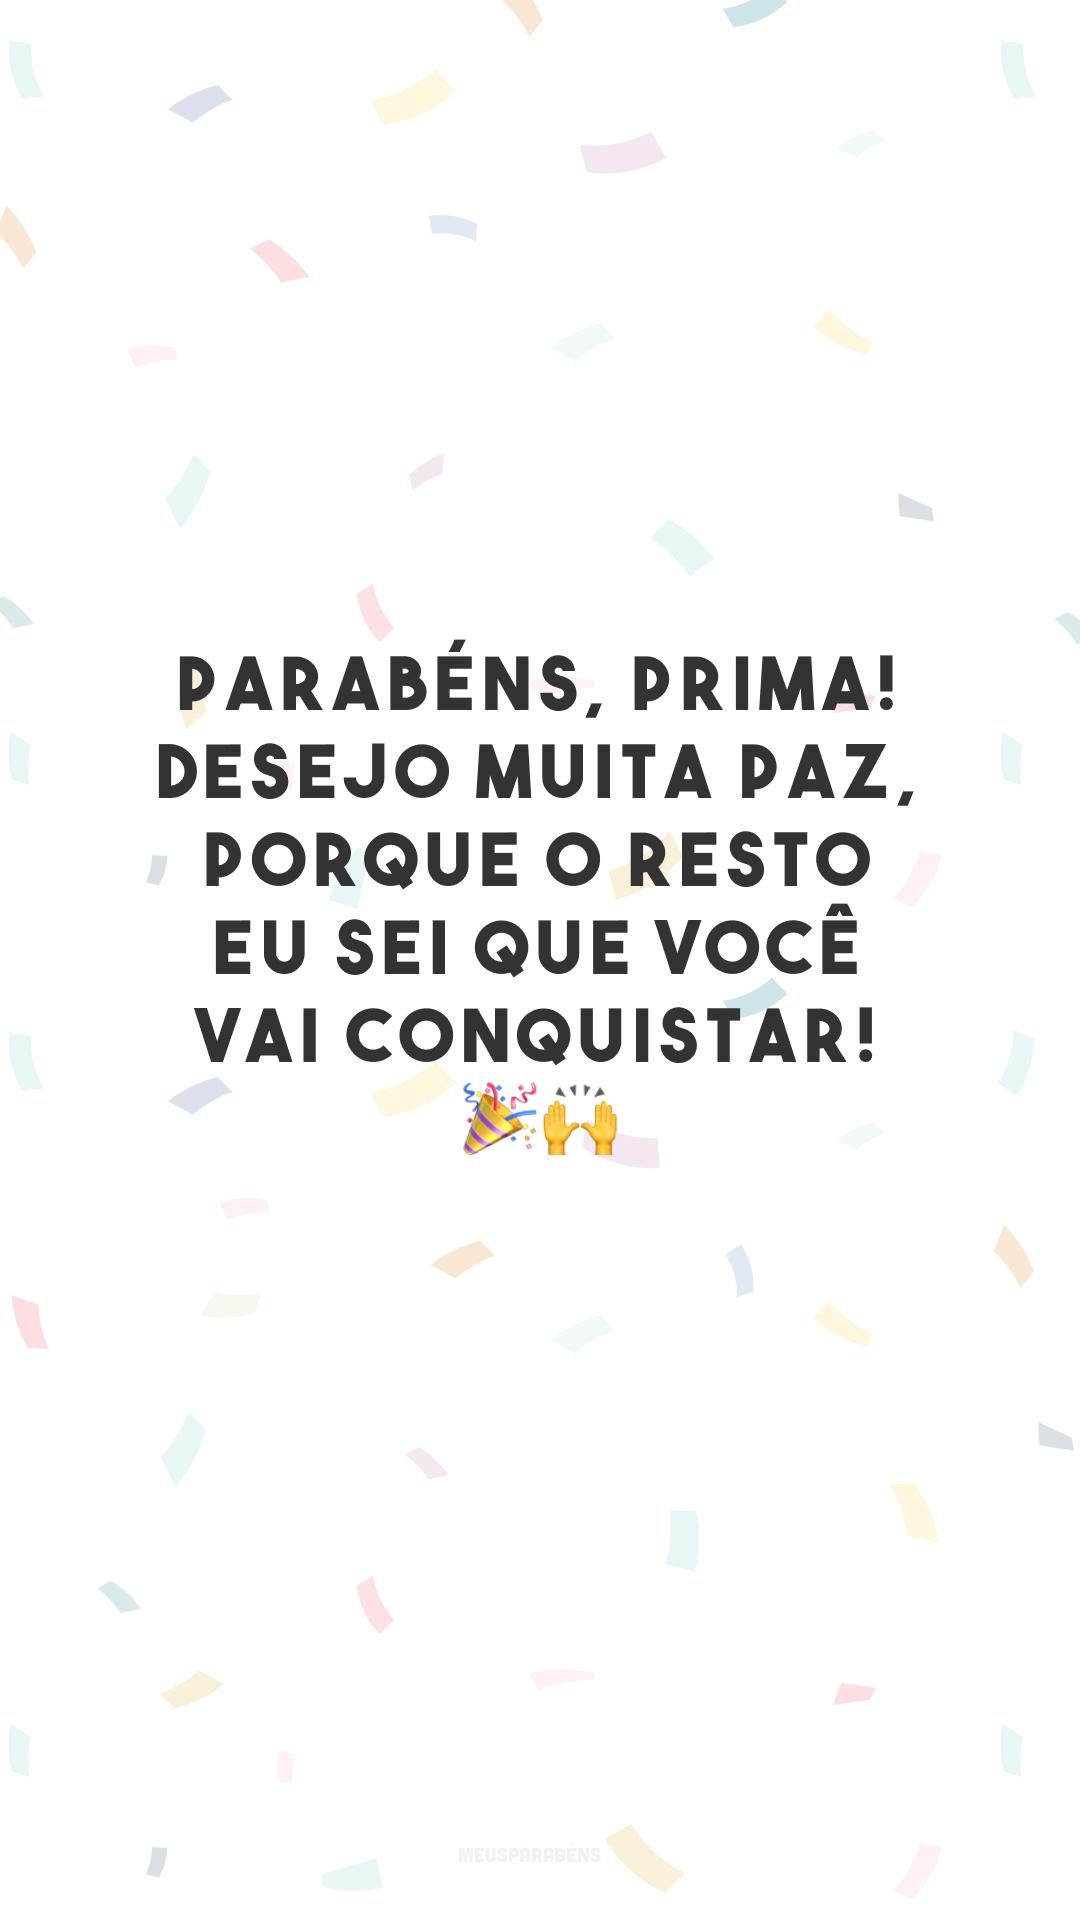 Parabéns, prima! Desejo muita paz, porque o resto eu sei que você vai conquistar! 🎉🙌